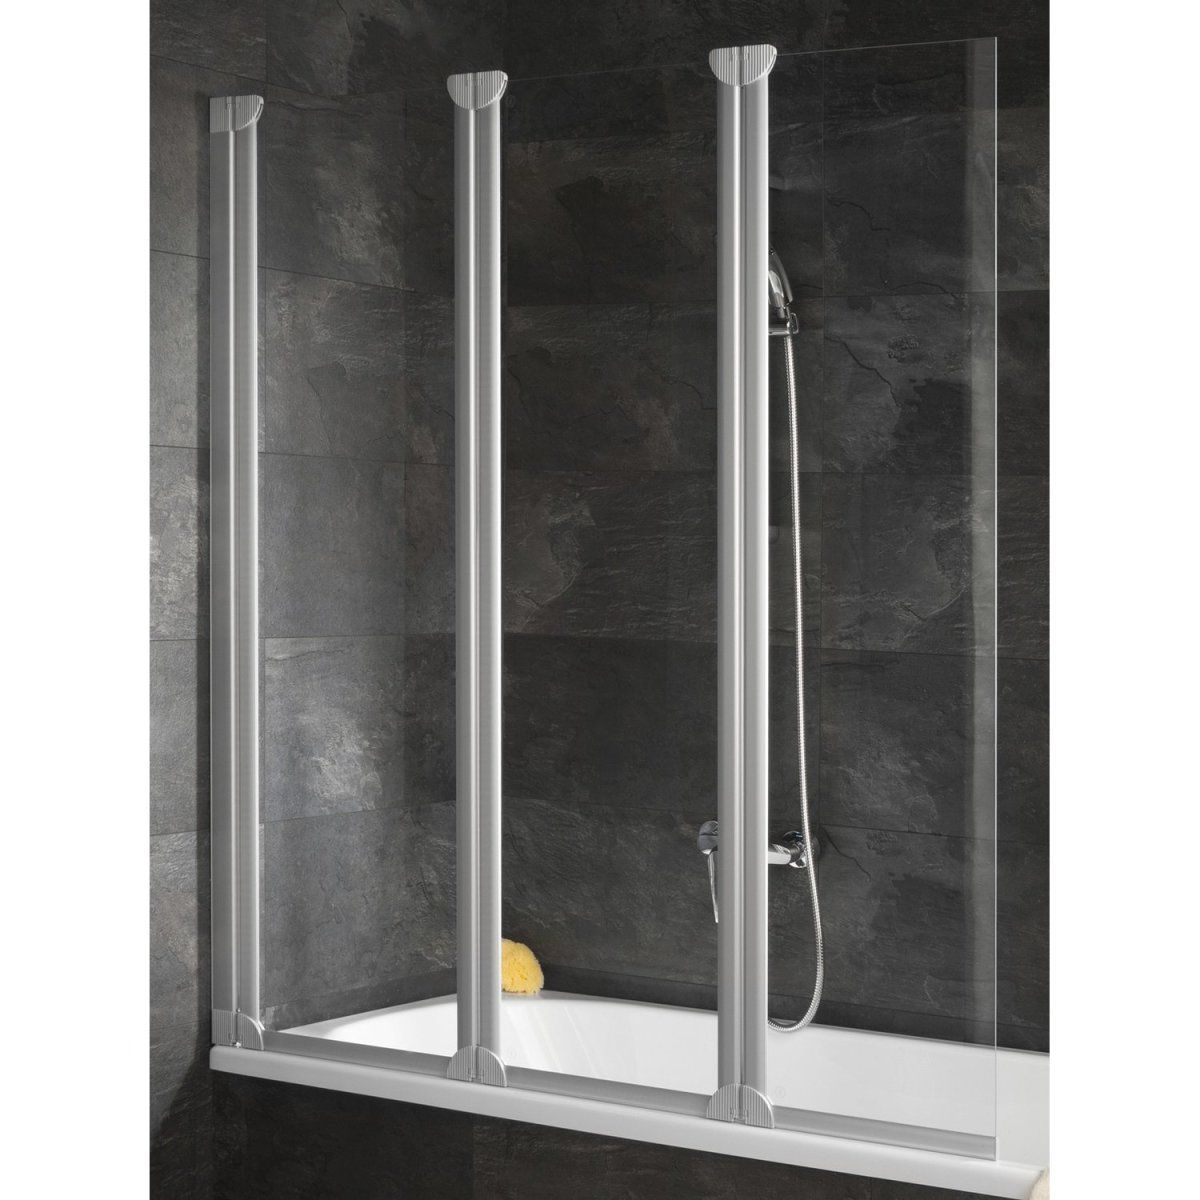 Schulte Badewannenaufsatz Einfaltbar Echtglas Weiss 125 Cm X 140 Cm Jetzt Bestellen Unter Https Moebel Ladendirekt D Duschwand Glas Badewanne Duschabtrennung